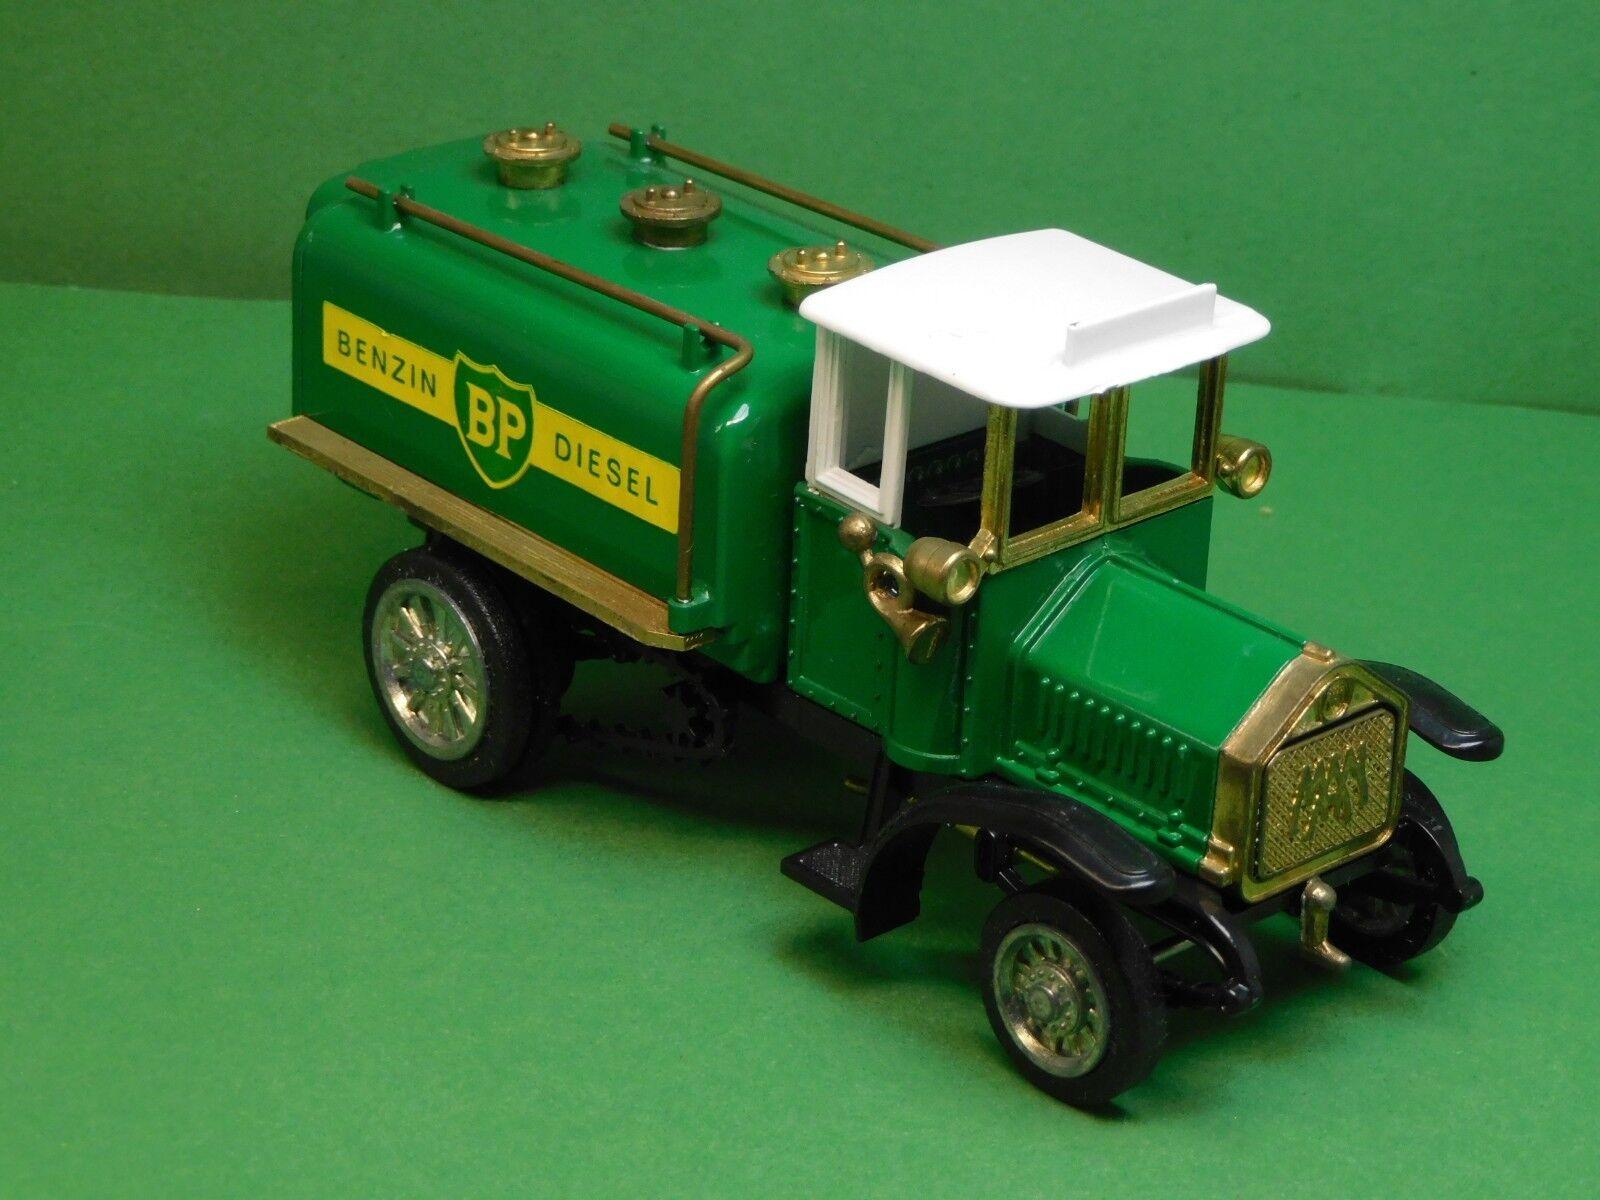 MAN 1. Diesel Lastwagen 1923 24 BP Tankwagen weißes Dach Ziss Modell 1 43 N° 305  | Ausgezeichnete Leistung